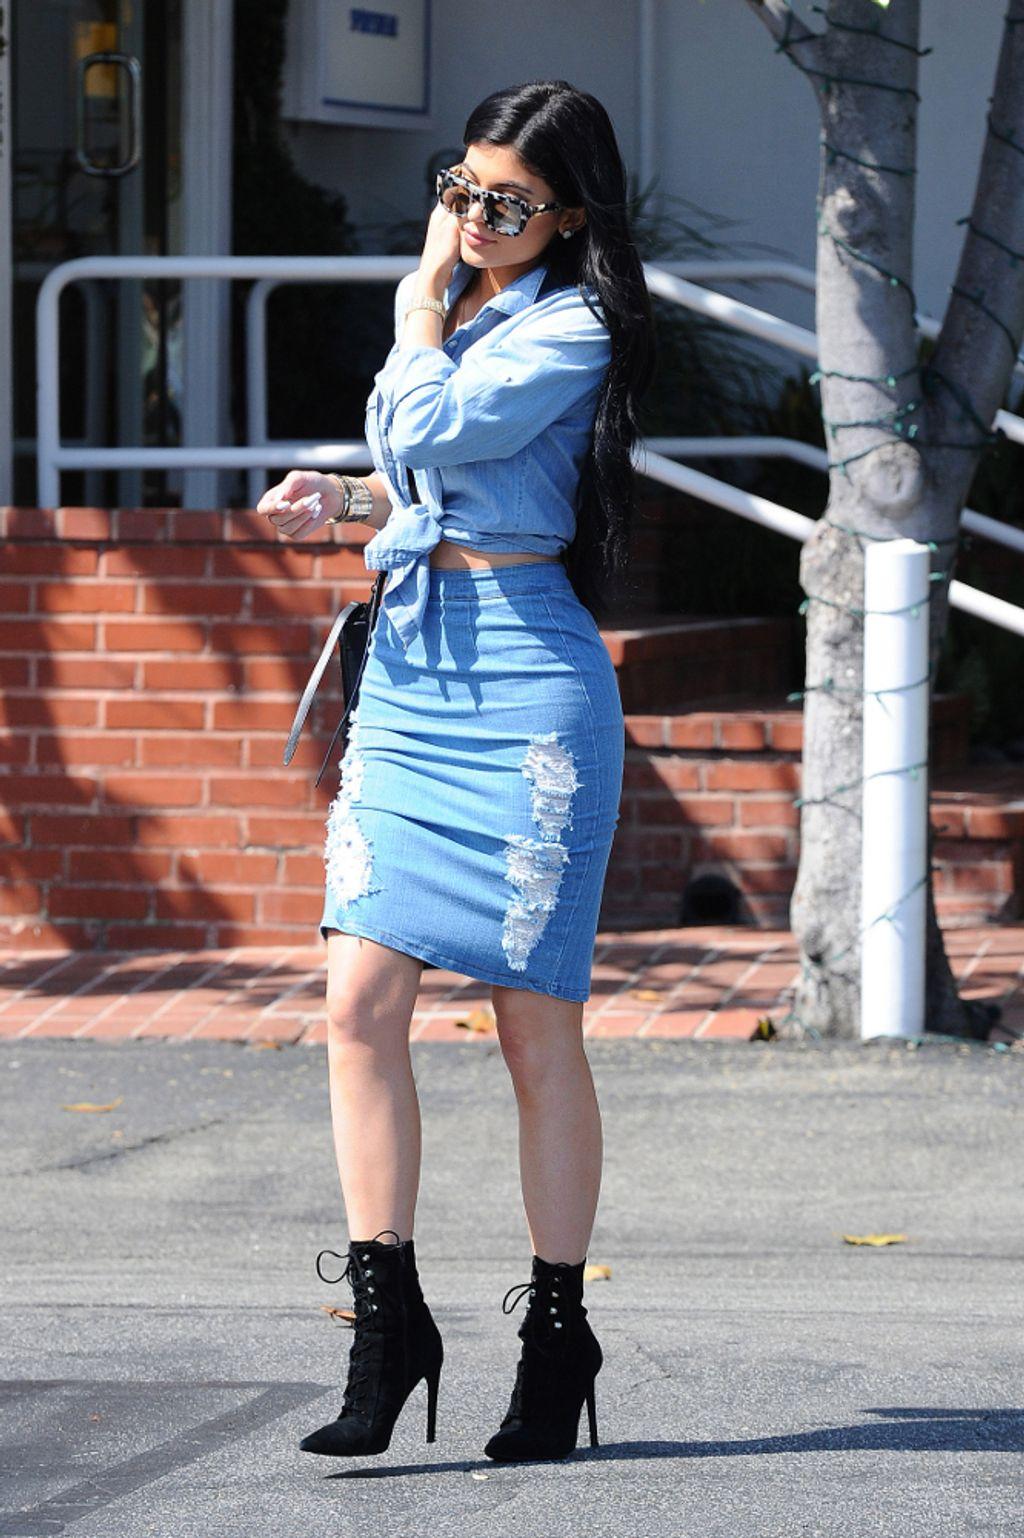 Dress Like Kylie Jenner